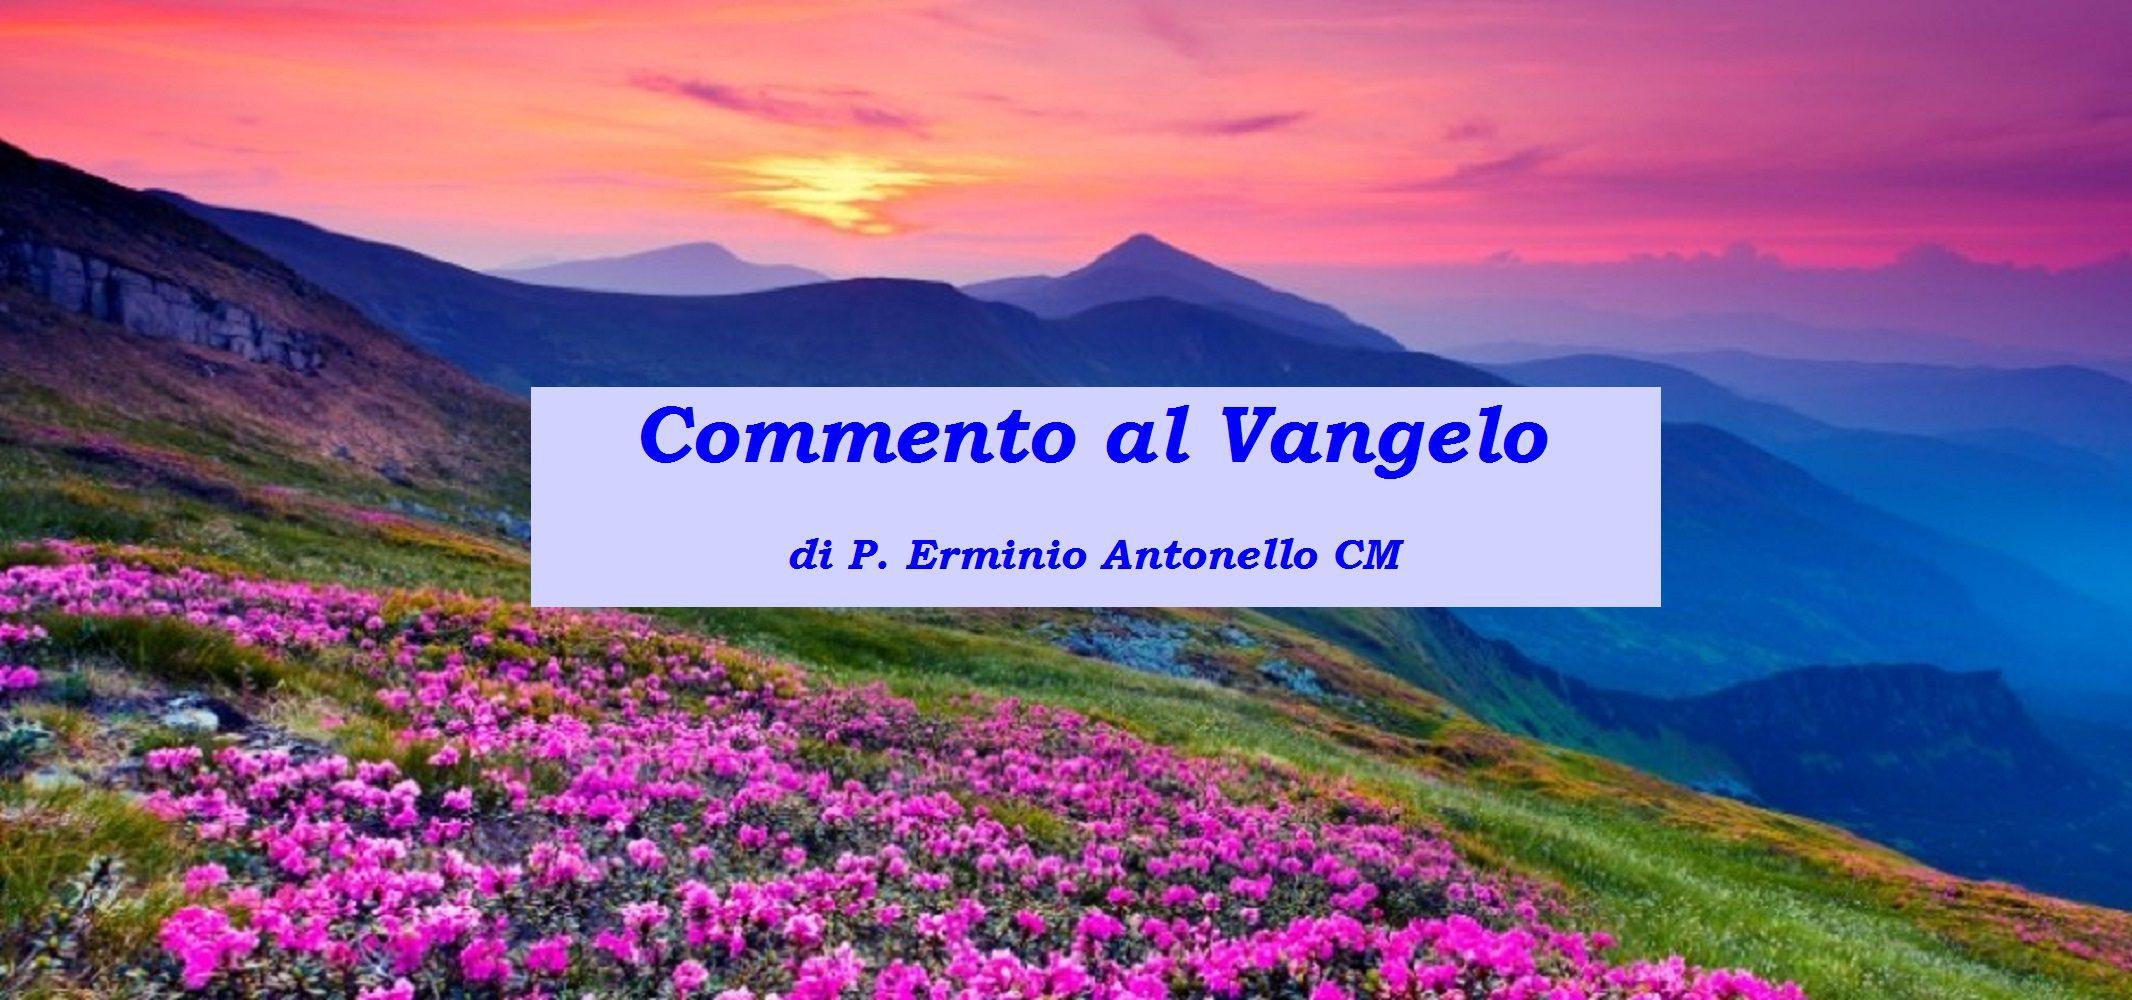 Commento al Vangelo della XXXIII domenica del tempo ordinario (Anno A) – di P. Erminio Antonello